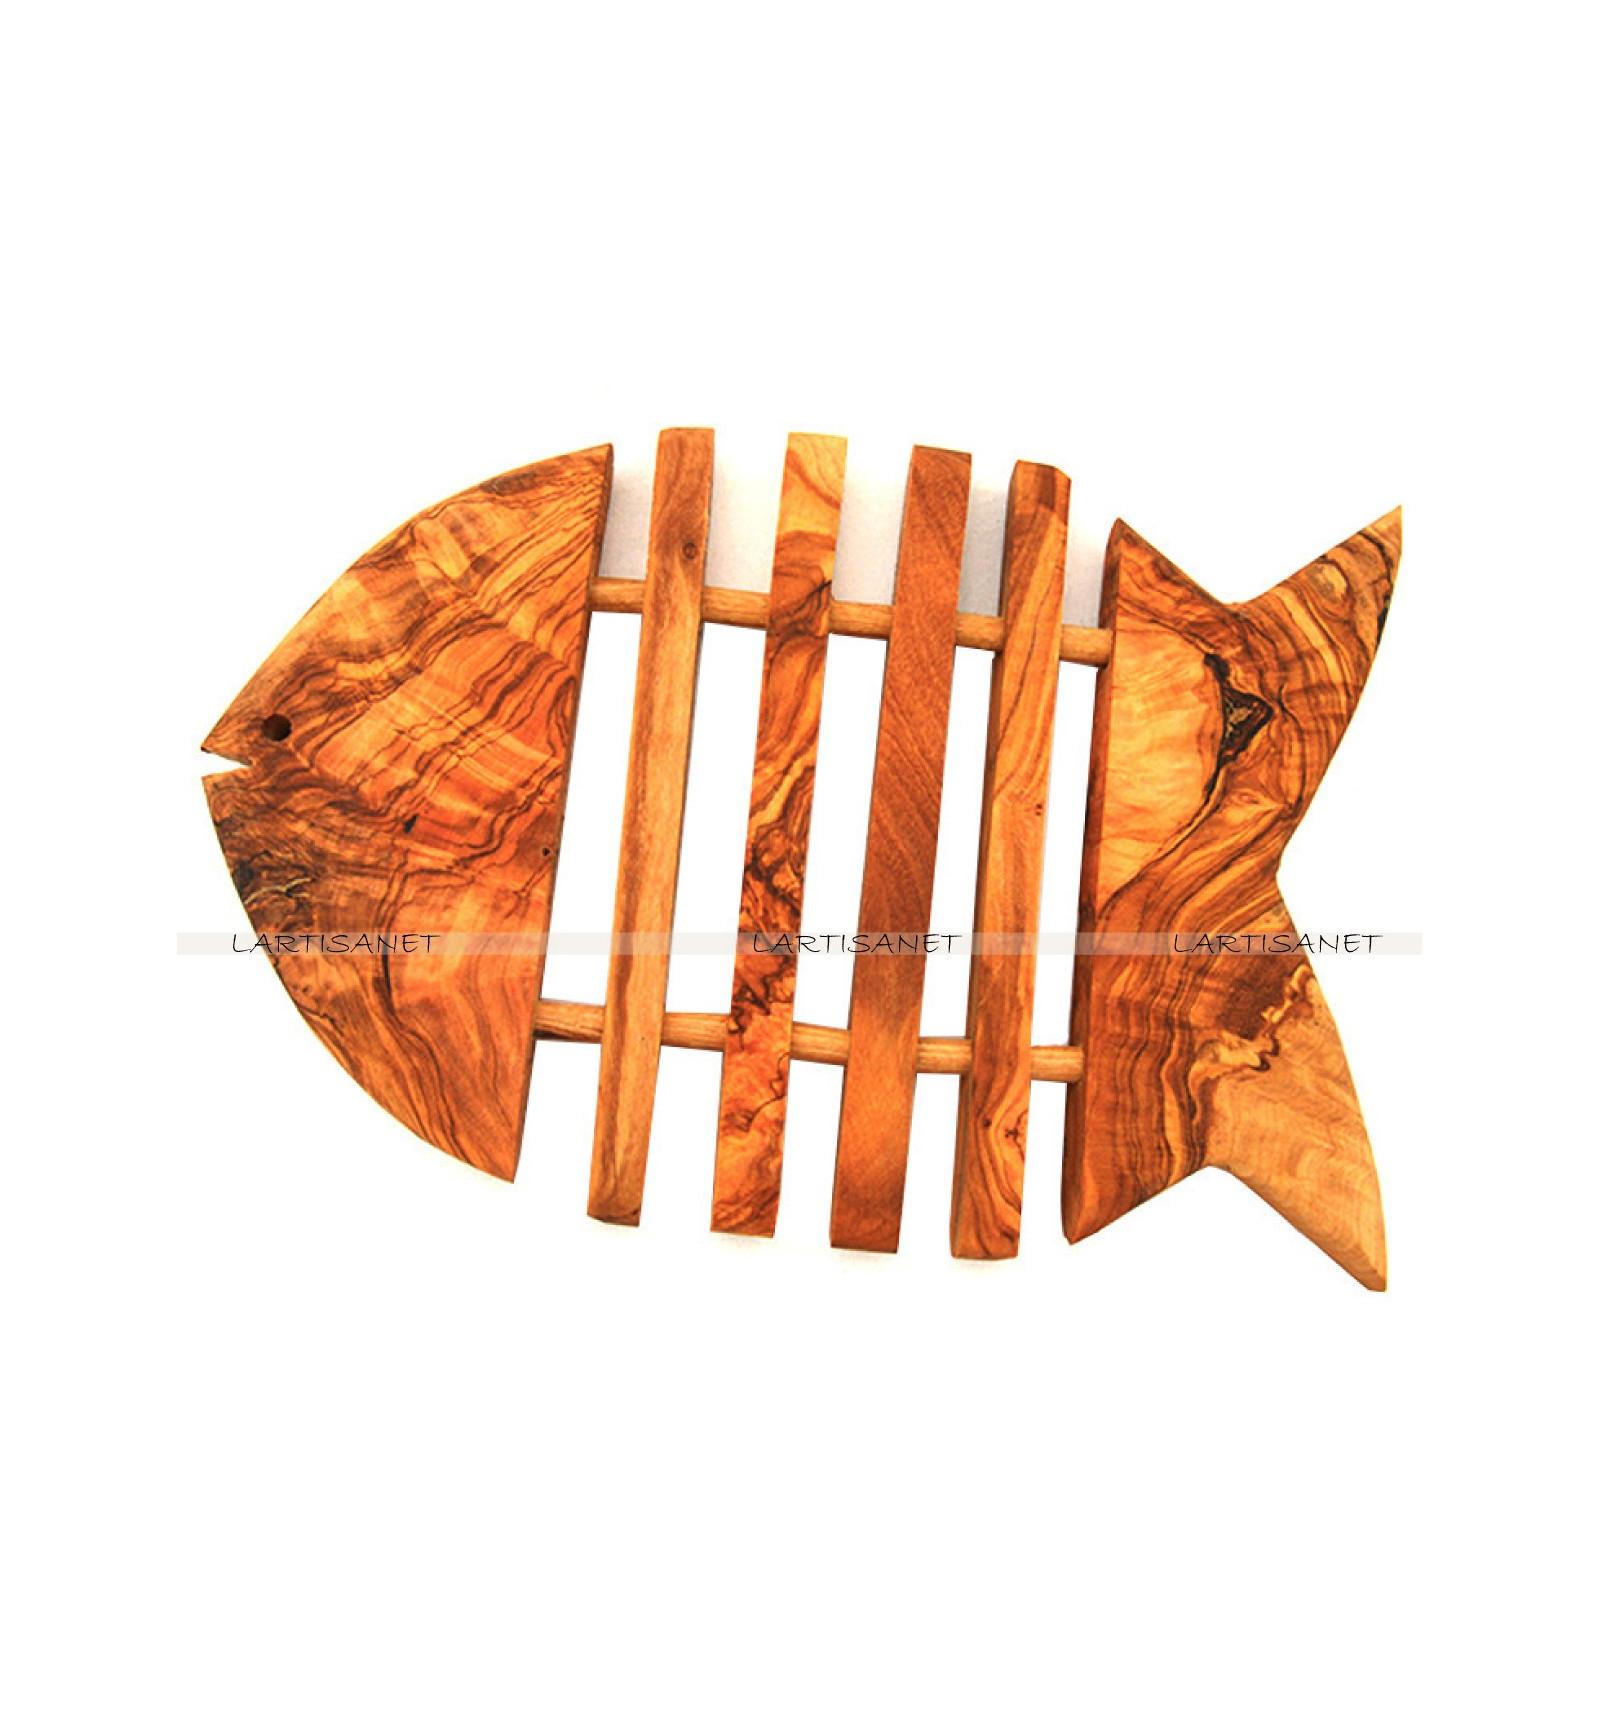 Dessous de plat poisson bois d 39 olivier - Dessous de plat bois ...